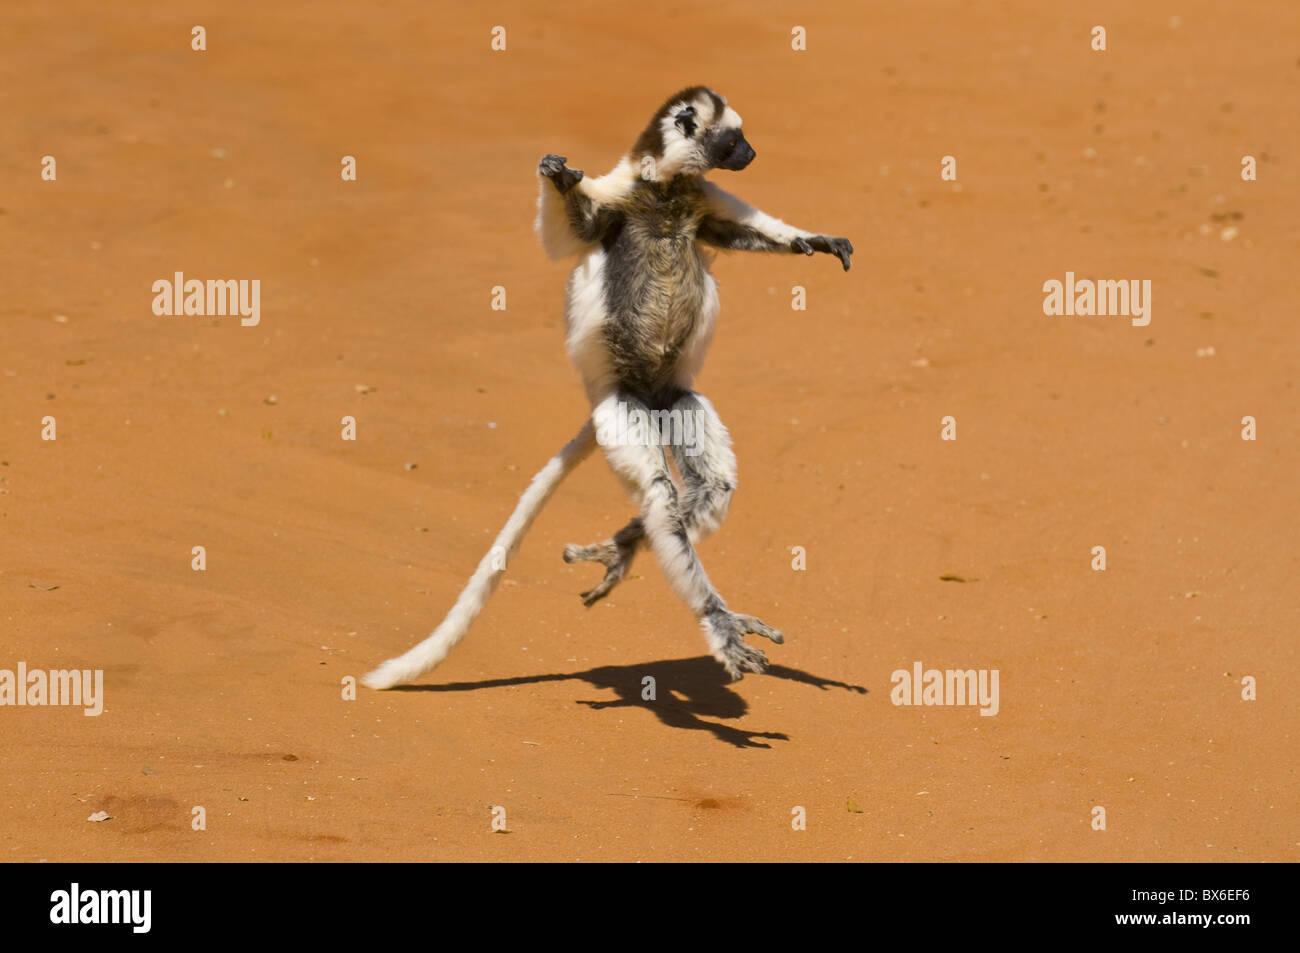 Sautant verreauxi Verreaux's Sifaka lemur (), Berenty Réserve privée, Madagascar, Afrique Photo Stock